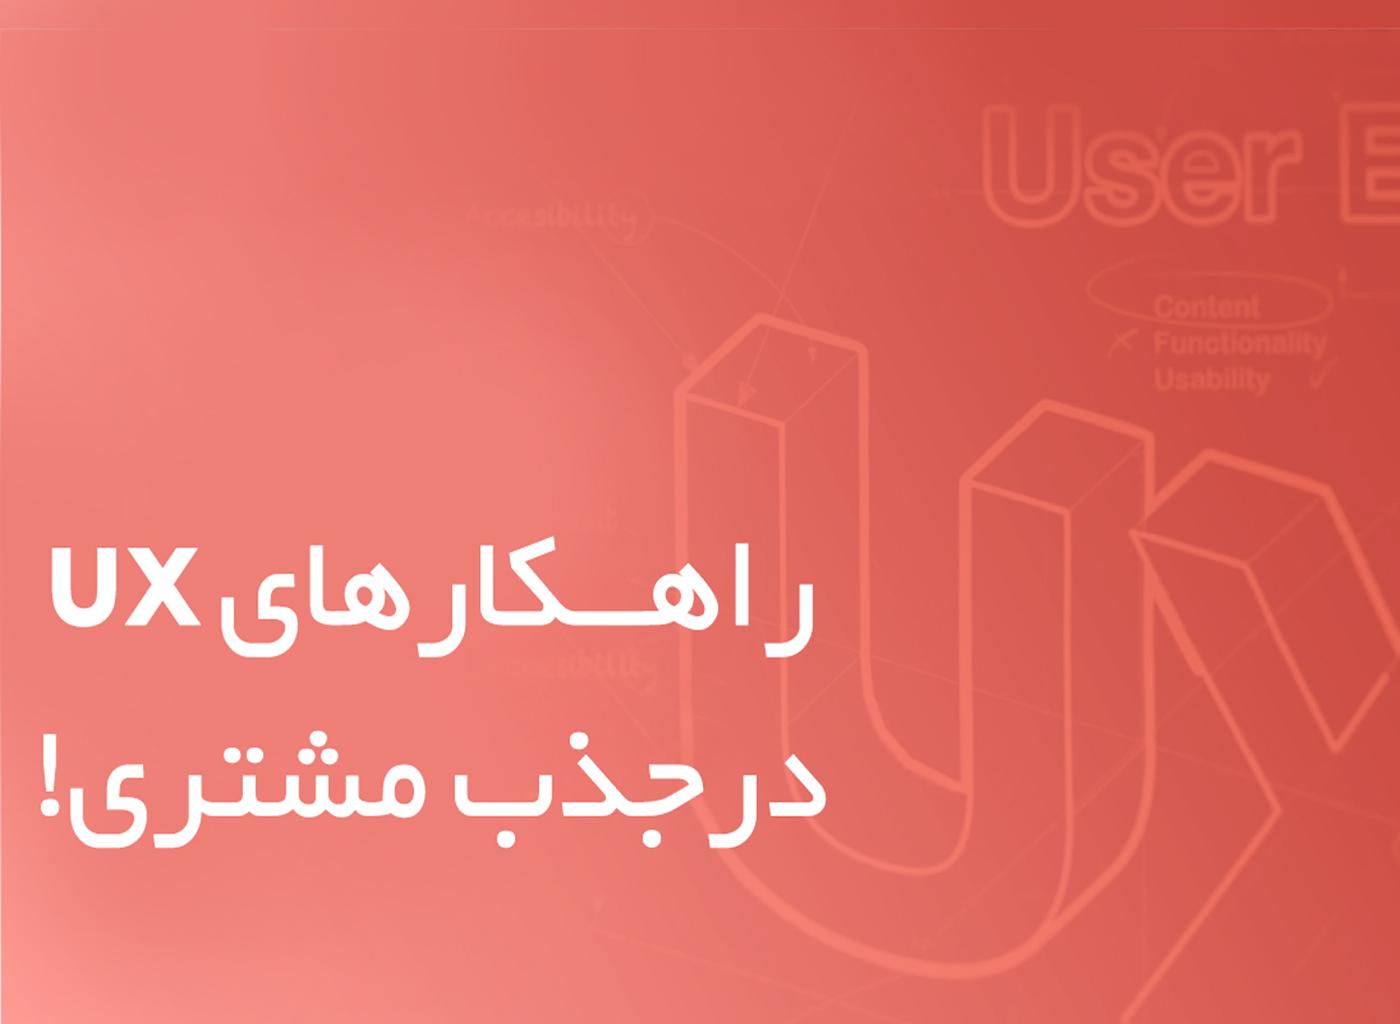 راهکارهای UX برای جذب مشتری